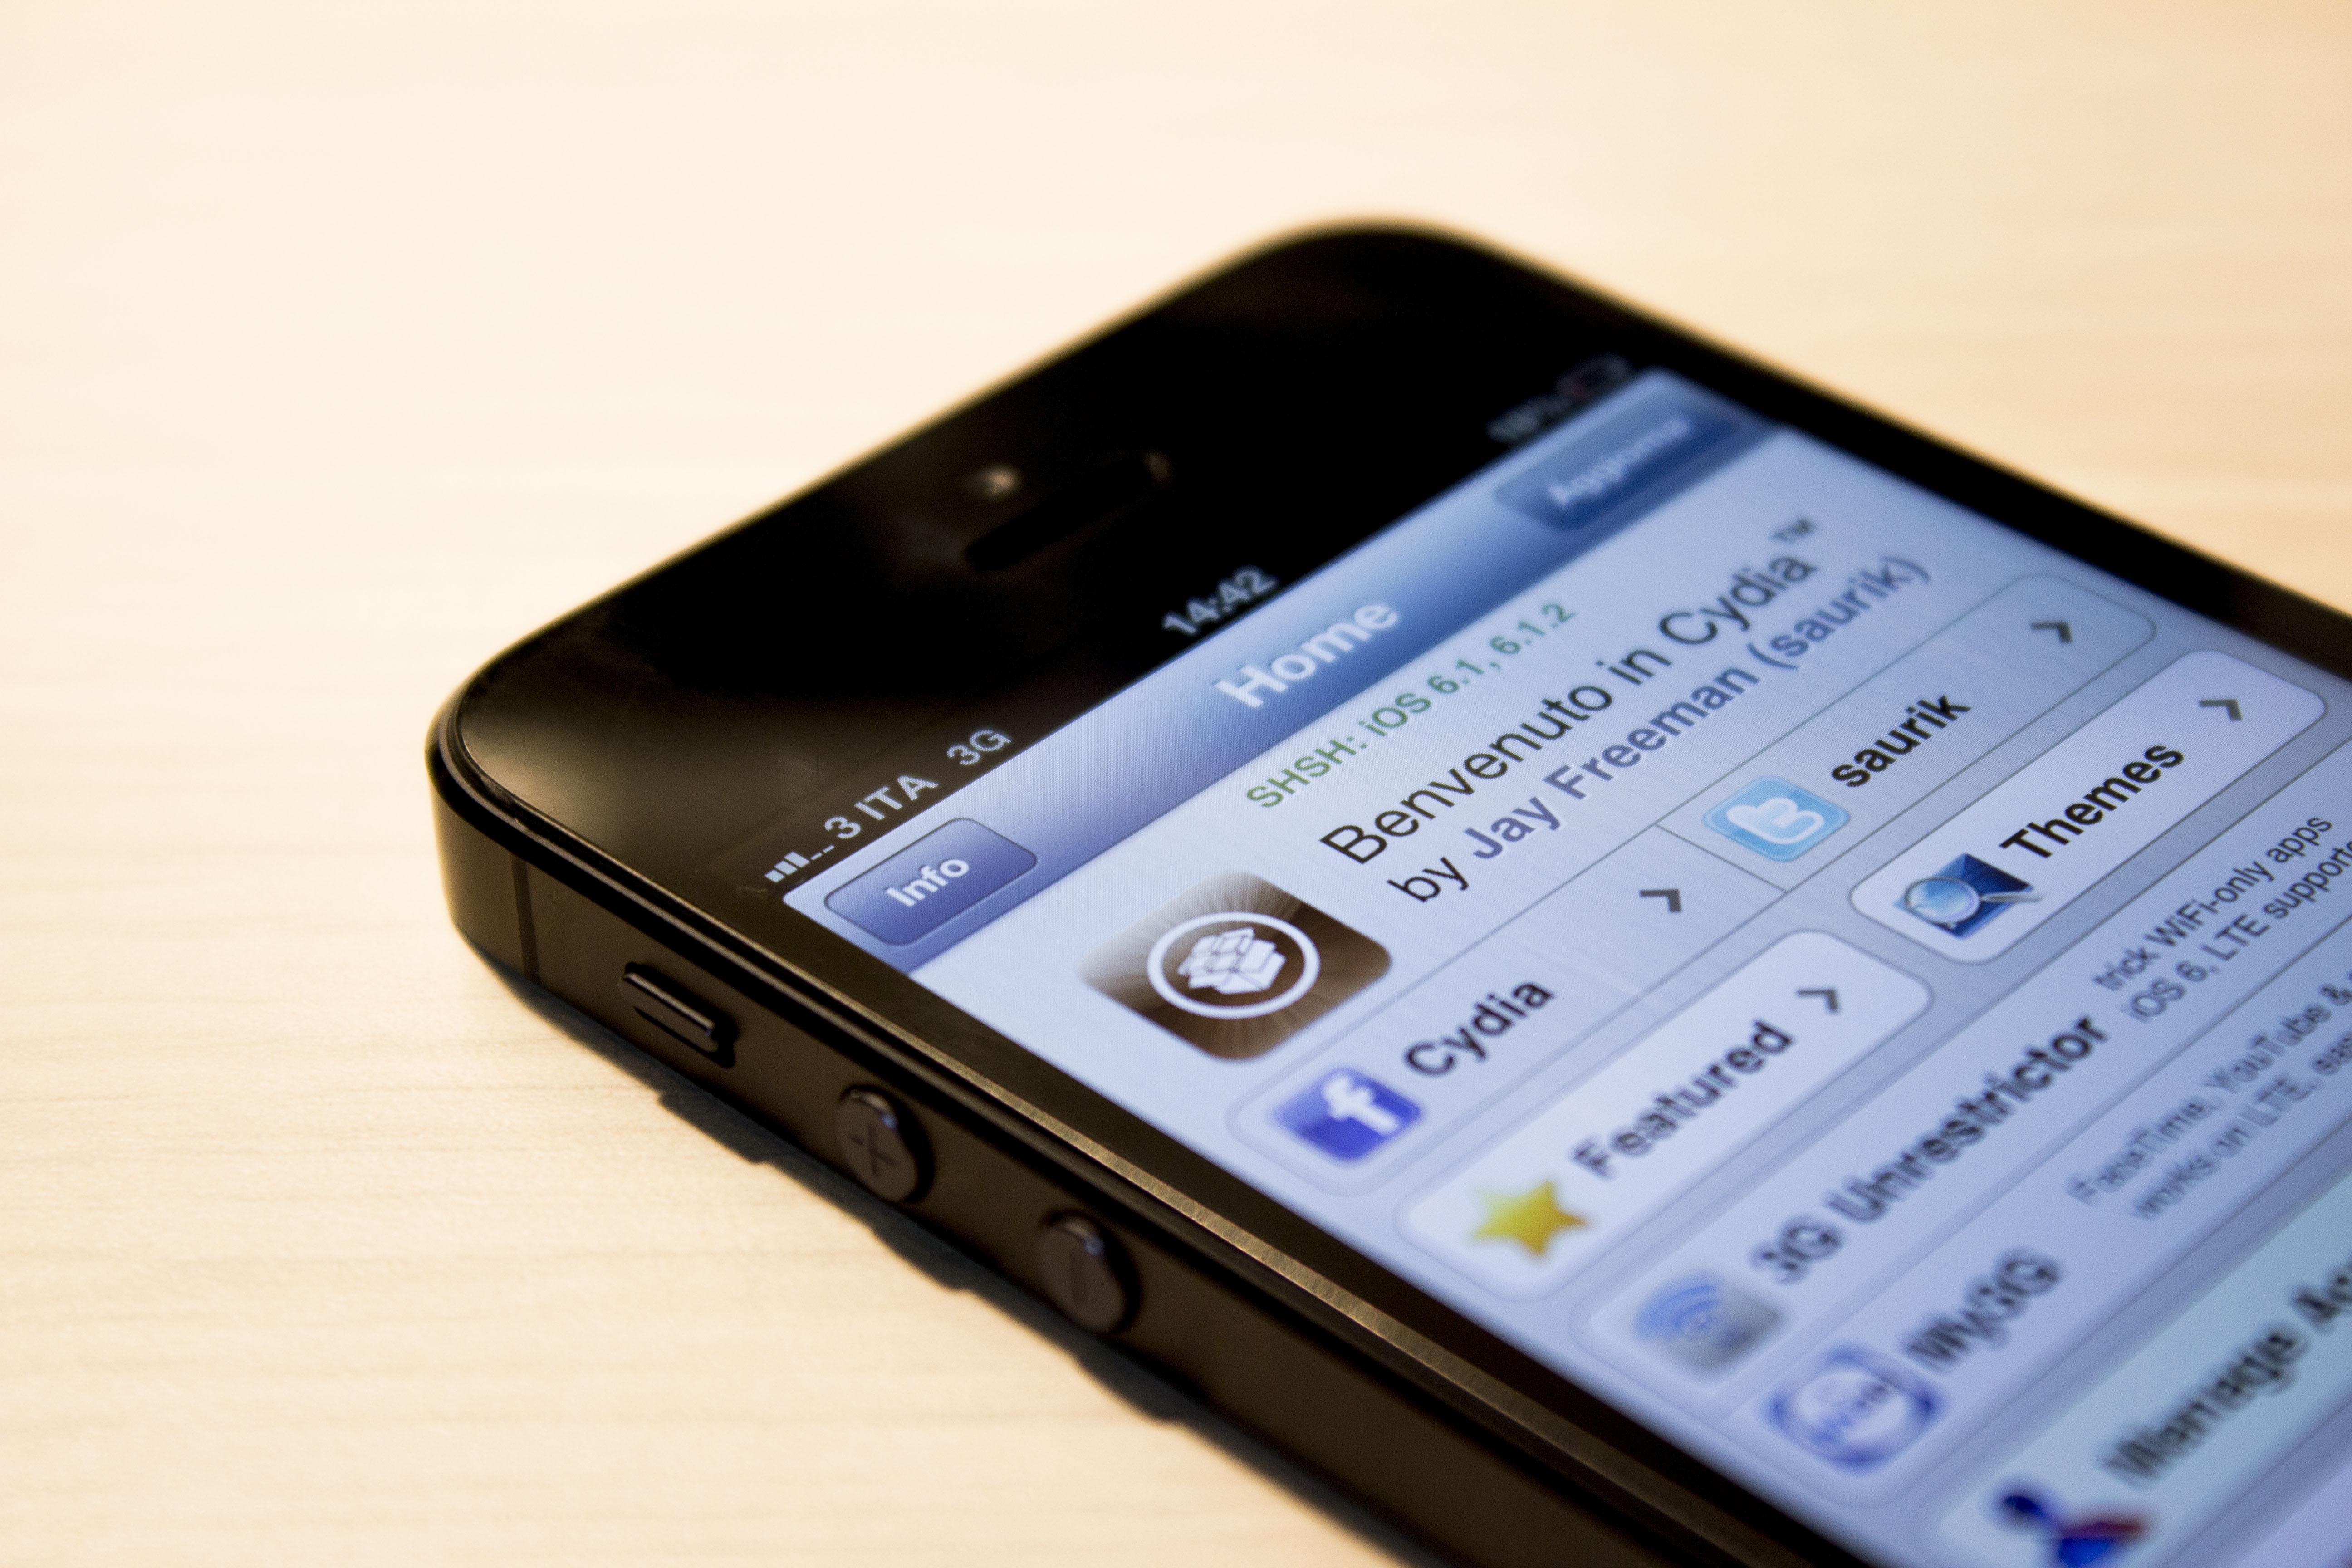 ноябре можно ли в айфоне засекретить фотографии другое время других